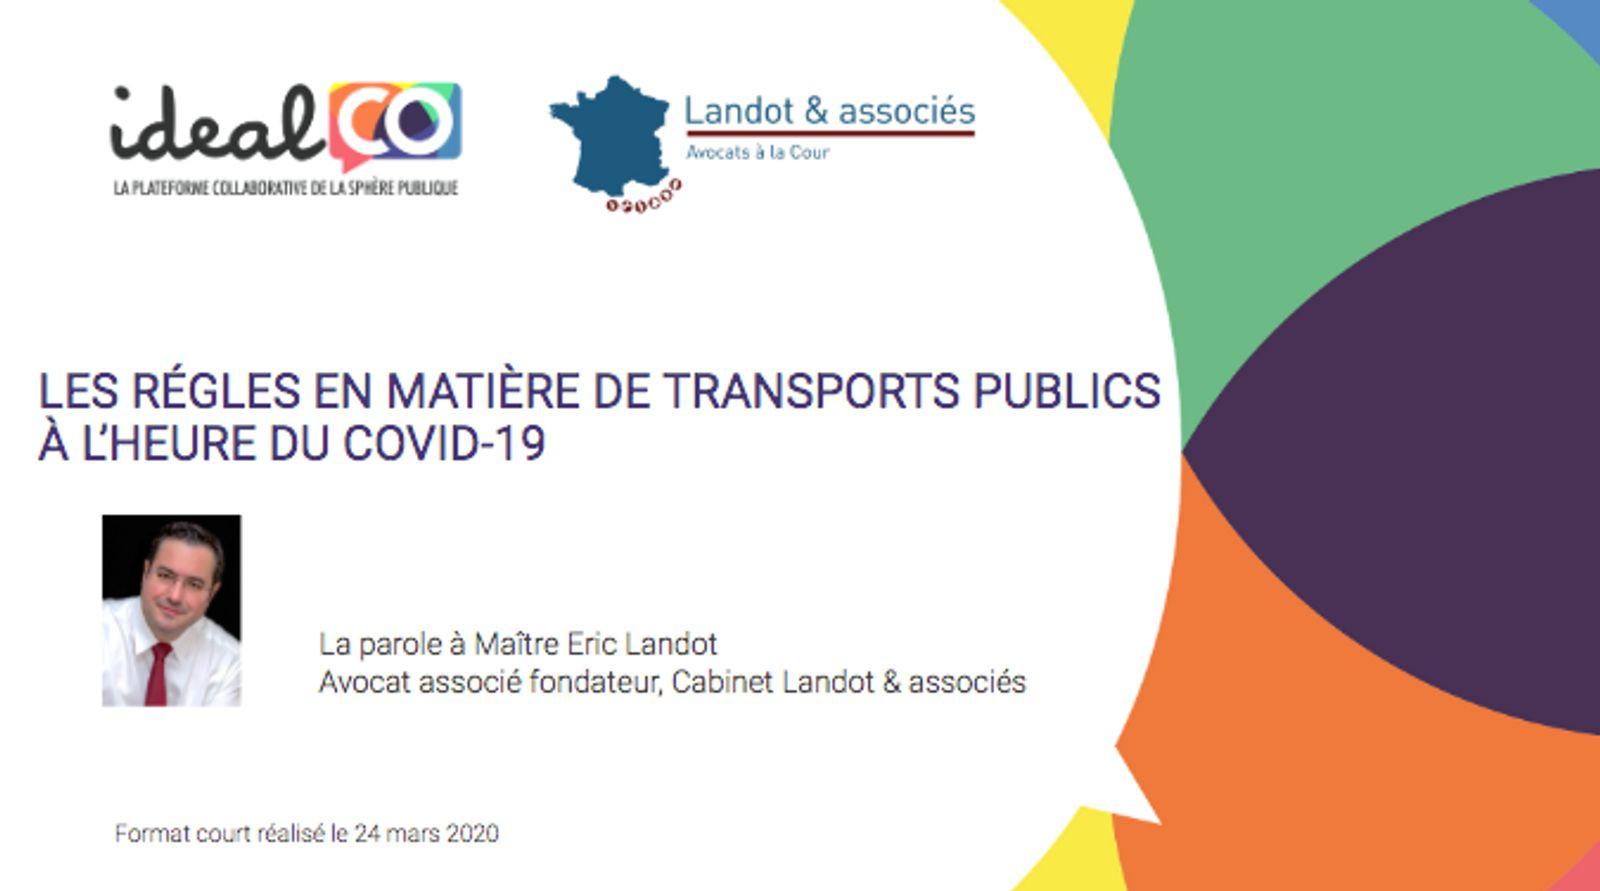 [FORMAT COURT] LES RÉGLES EN MATIÈRE DE TRANSPORTS PUBLICS  À L'HEURE DU COVID-19